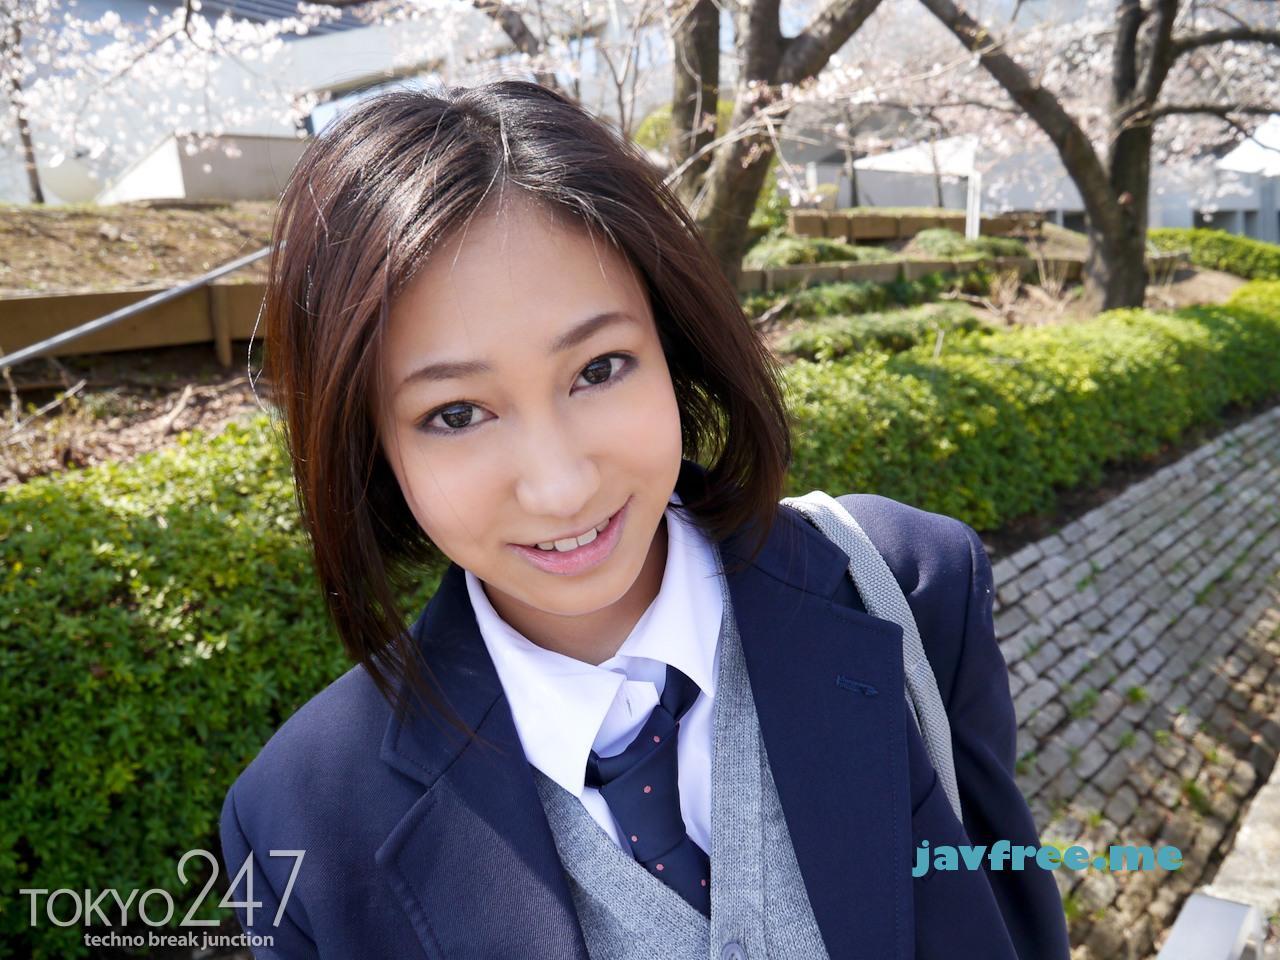 Tokyo-247 389chiharu 若菜ちはる